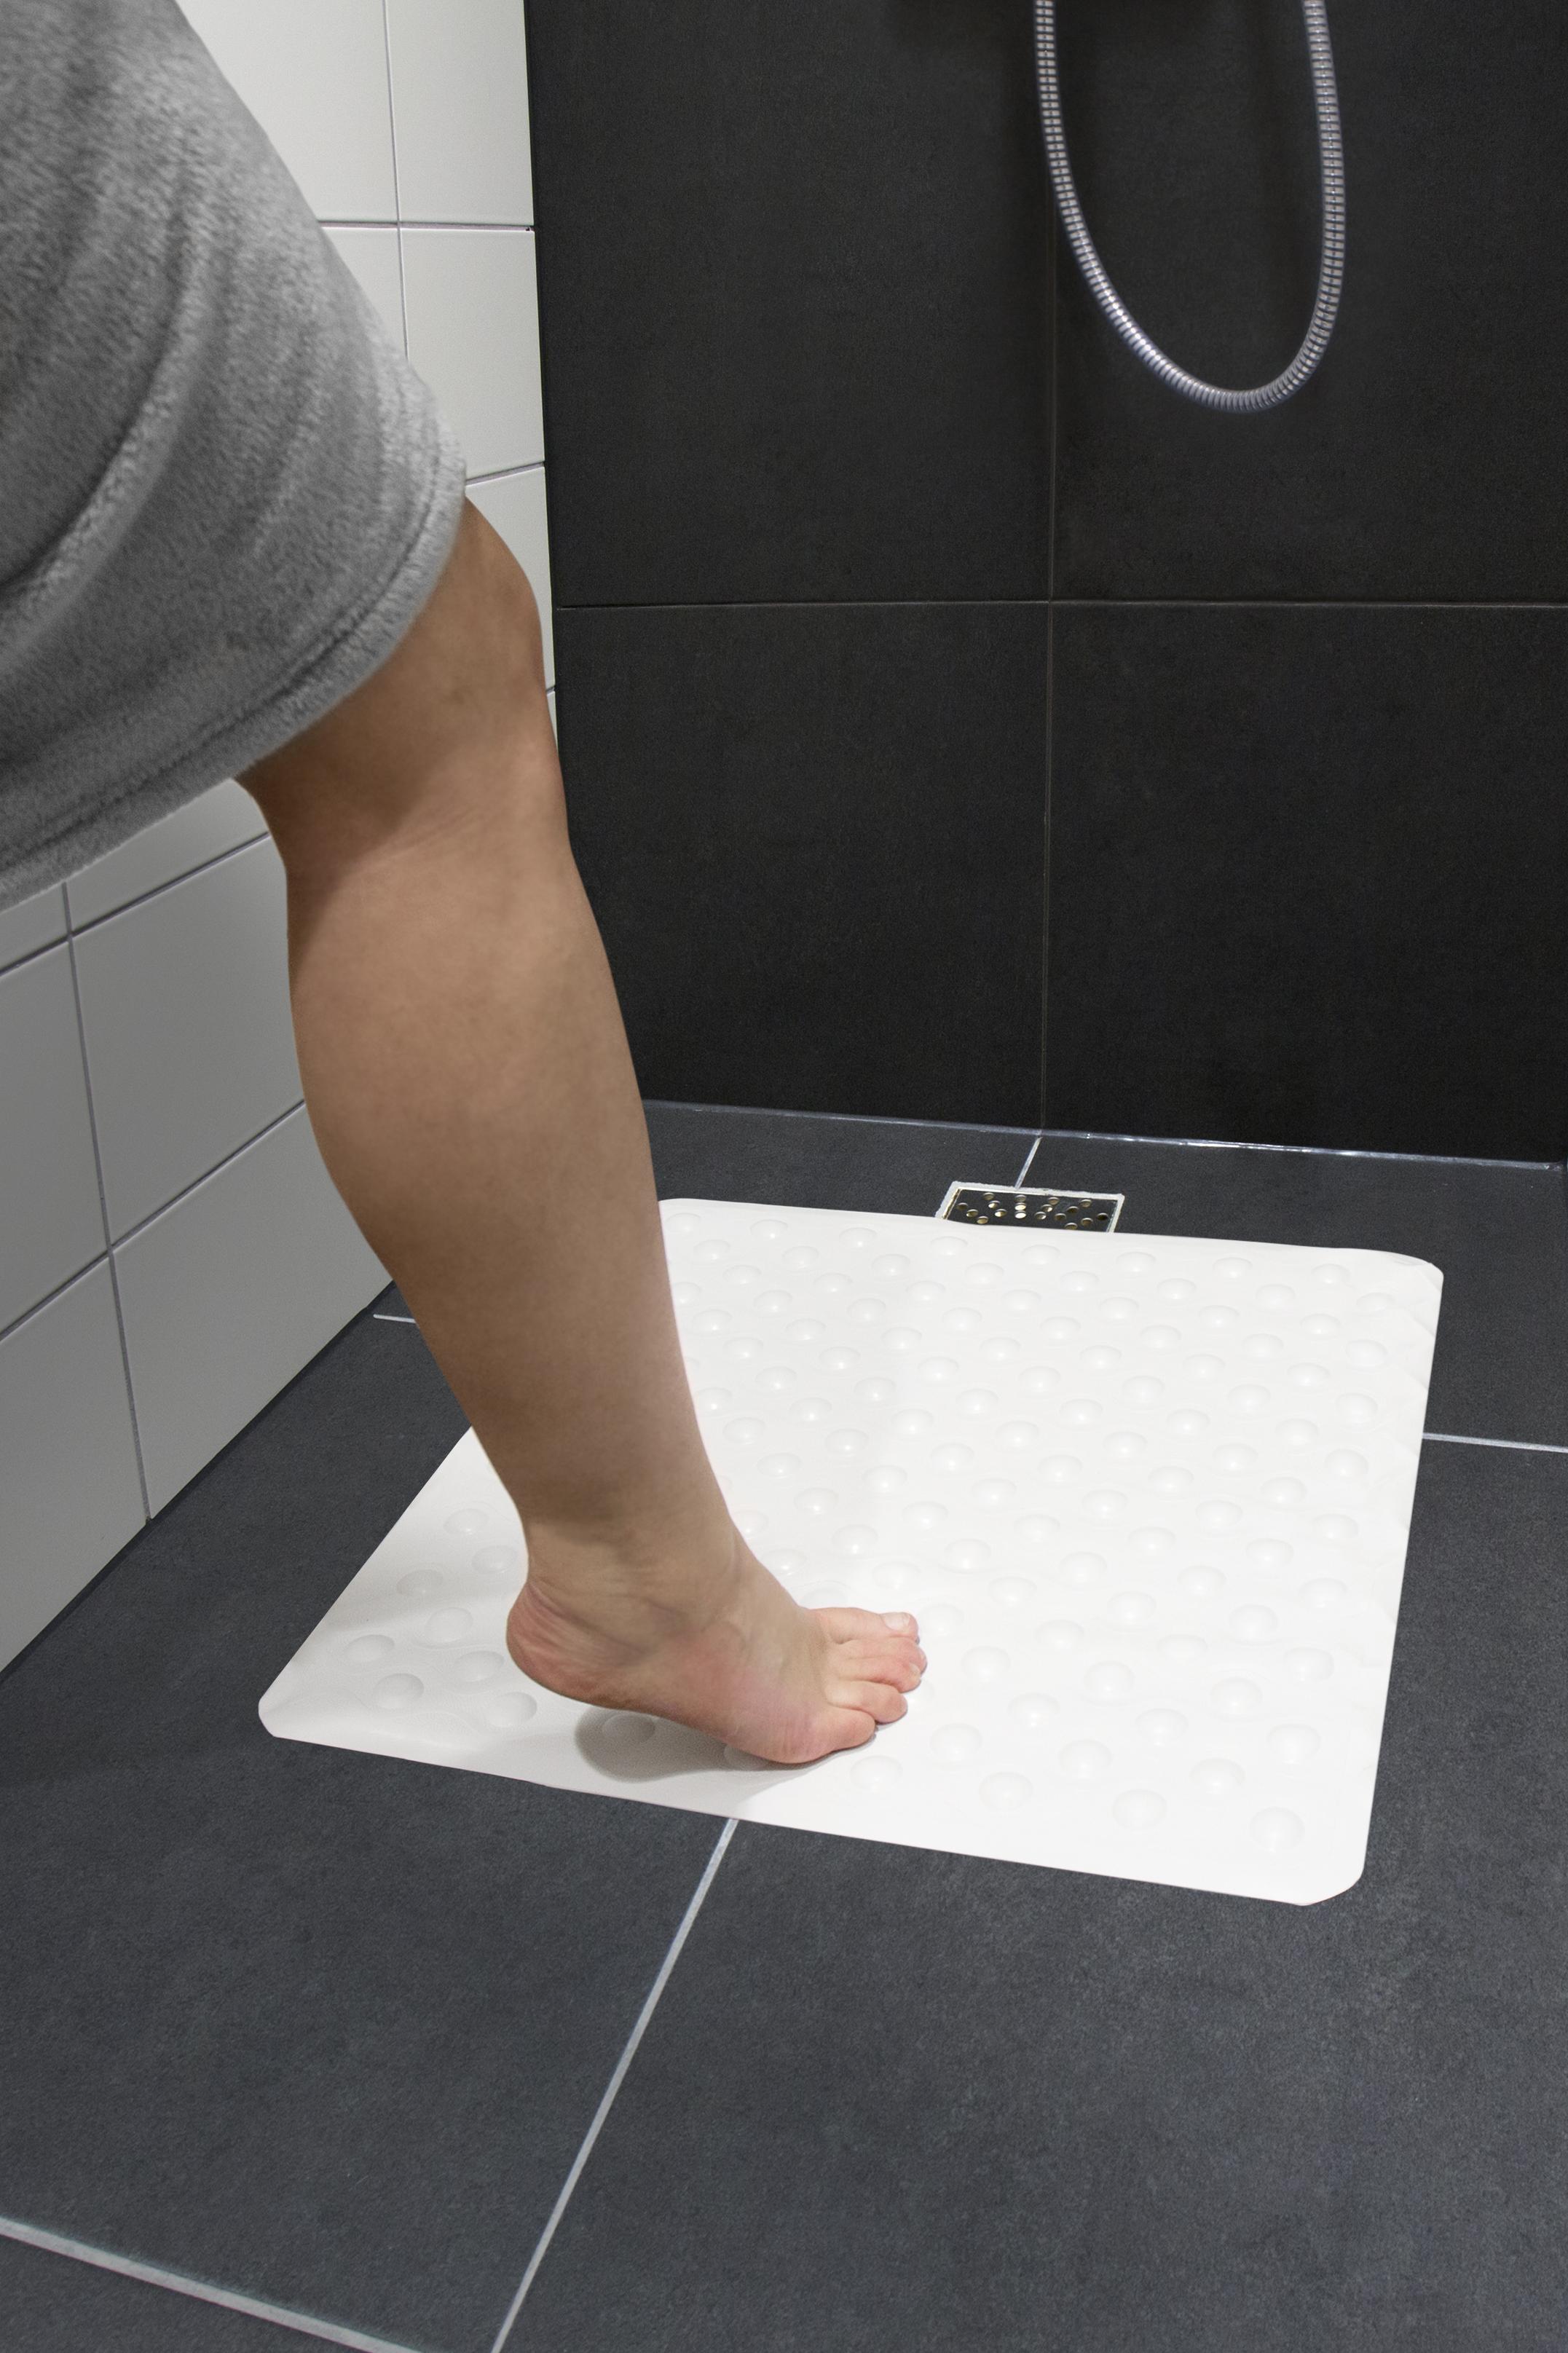 Skridsikker bademåtte til brusekabine (54×54 cm.) – pris 99.00